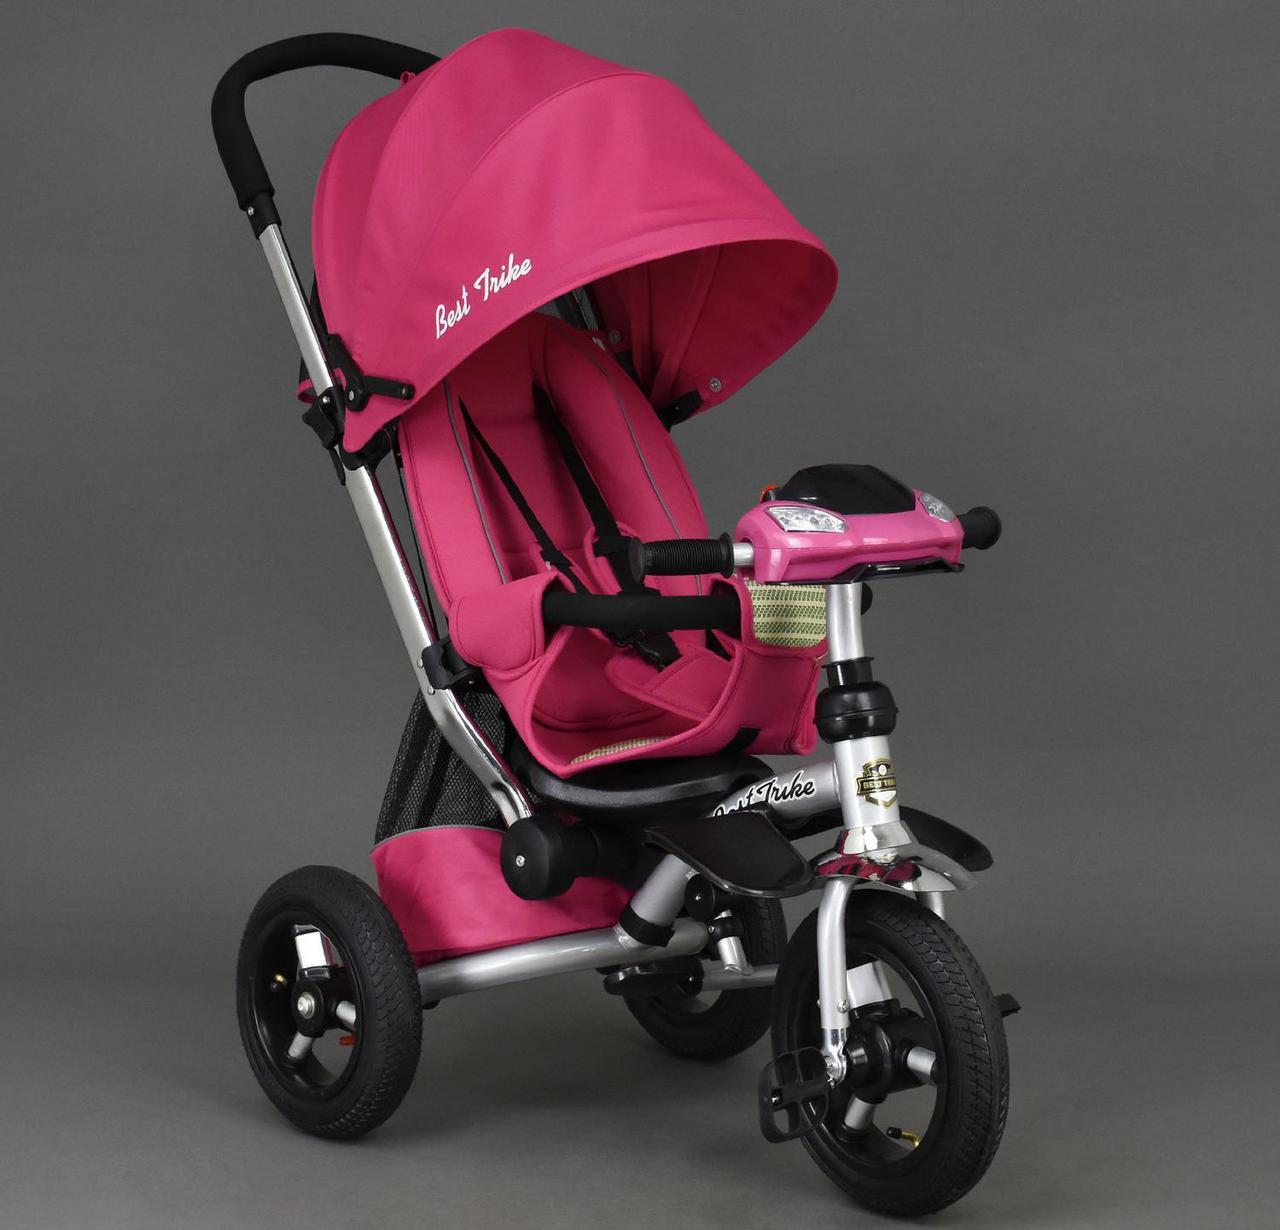 Дитячий триколісний велосипед Best Trike арт. 698 рожевий